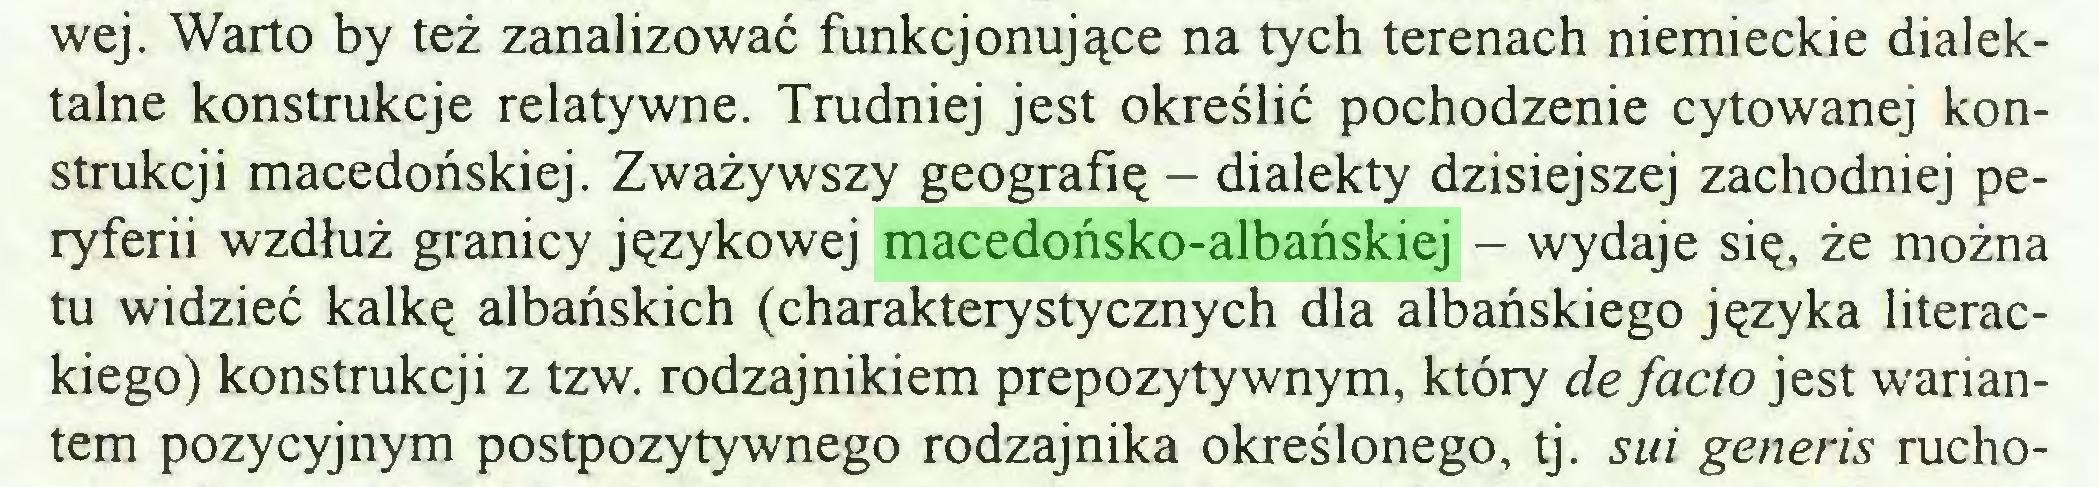 (...) wej. Warto by też zanalizować funkcjonujące na tych terenach niemieckie dialektalne konstrukcje relatywne. Trudniej jest określić pochodzenie cytowanej konstrukcji macedońskiej. Zważywszy geografię - dialekty dzisiejszej zachodniej peryferii wzdłuż granicy językowej macedońsko-albańskiej - wydaje się, że można tu widzieć kalkę albańskich (charakterystycznych dla albańskiego języka literackiego) konstrukcji z tzw. rodzajnikiem prepozytywnym, który de facto jest wariantem pozycyjnym postpozytywnego rodzajnika określonego, tj. sui generis rucho...